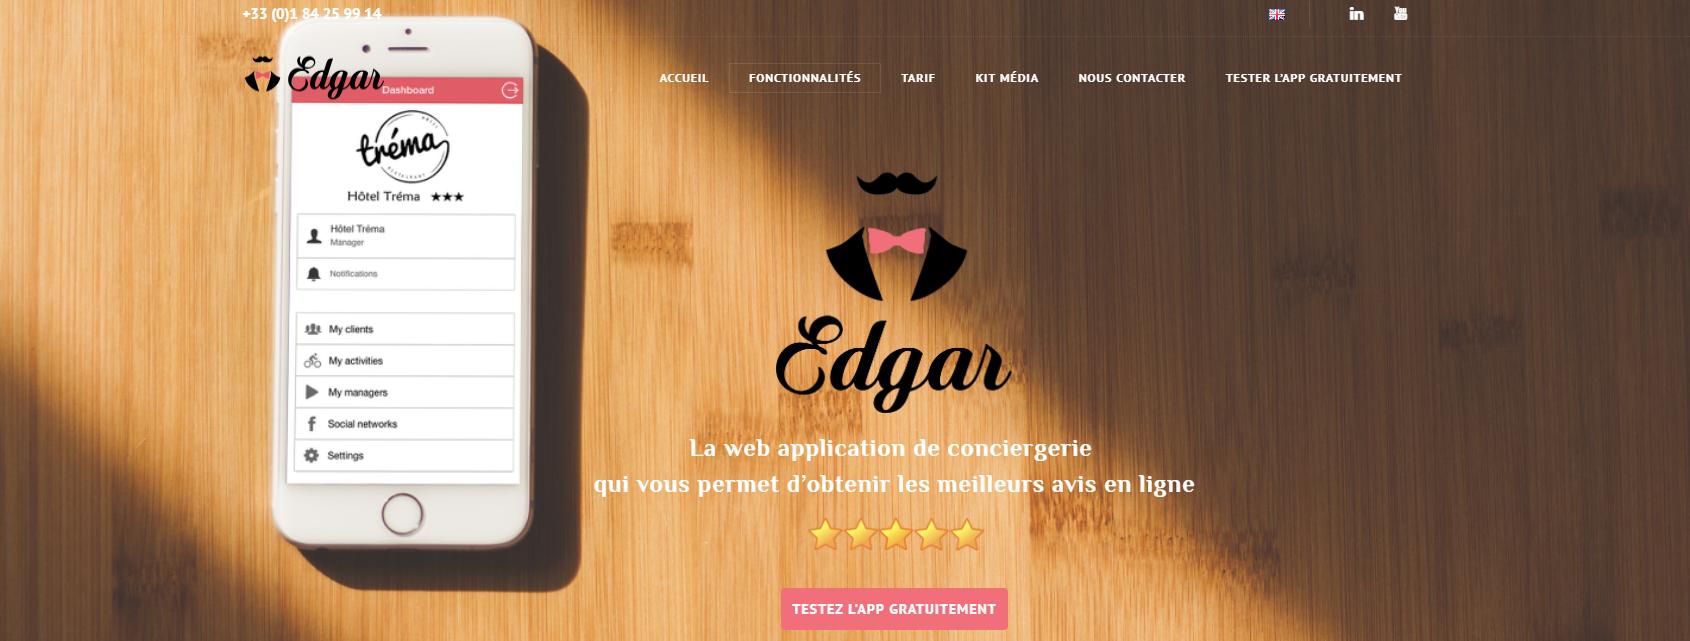 Edgar est une application de conciergerie, qui permet d'obtenir les meilleurs avis en ligne en assurant la gestion en temps réel de la relation client - Edgar